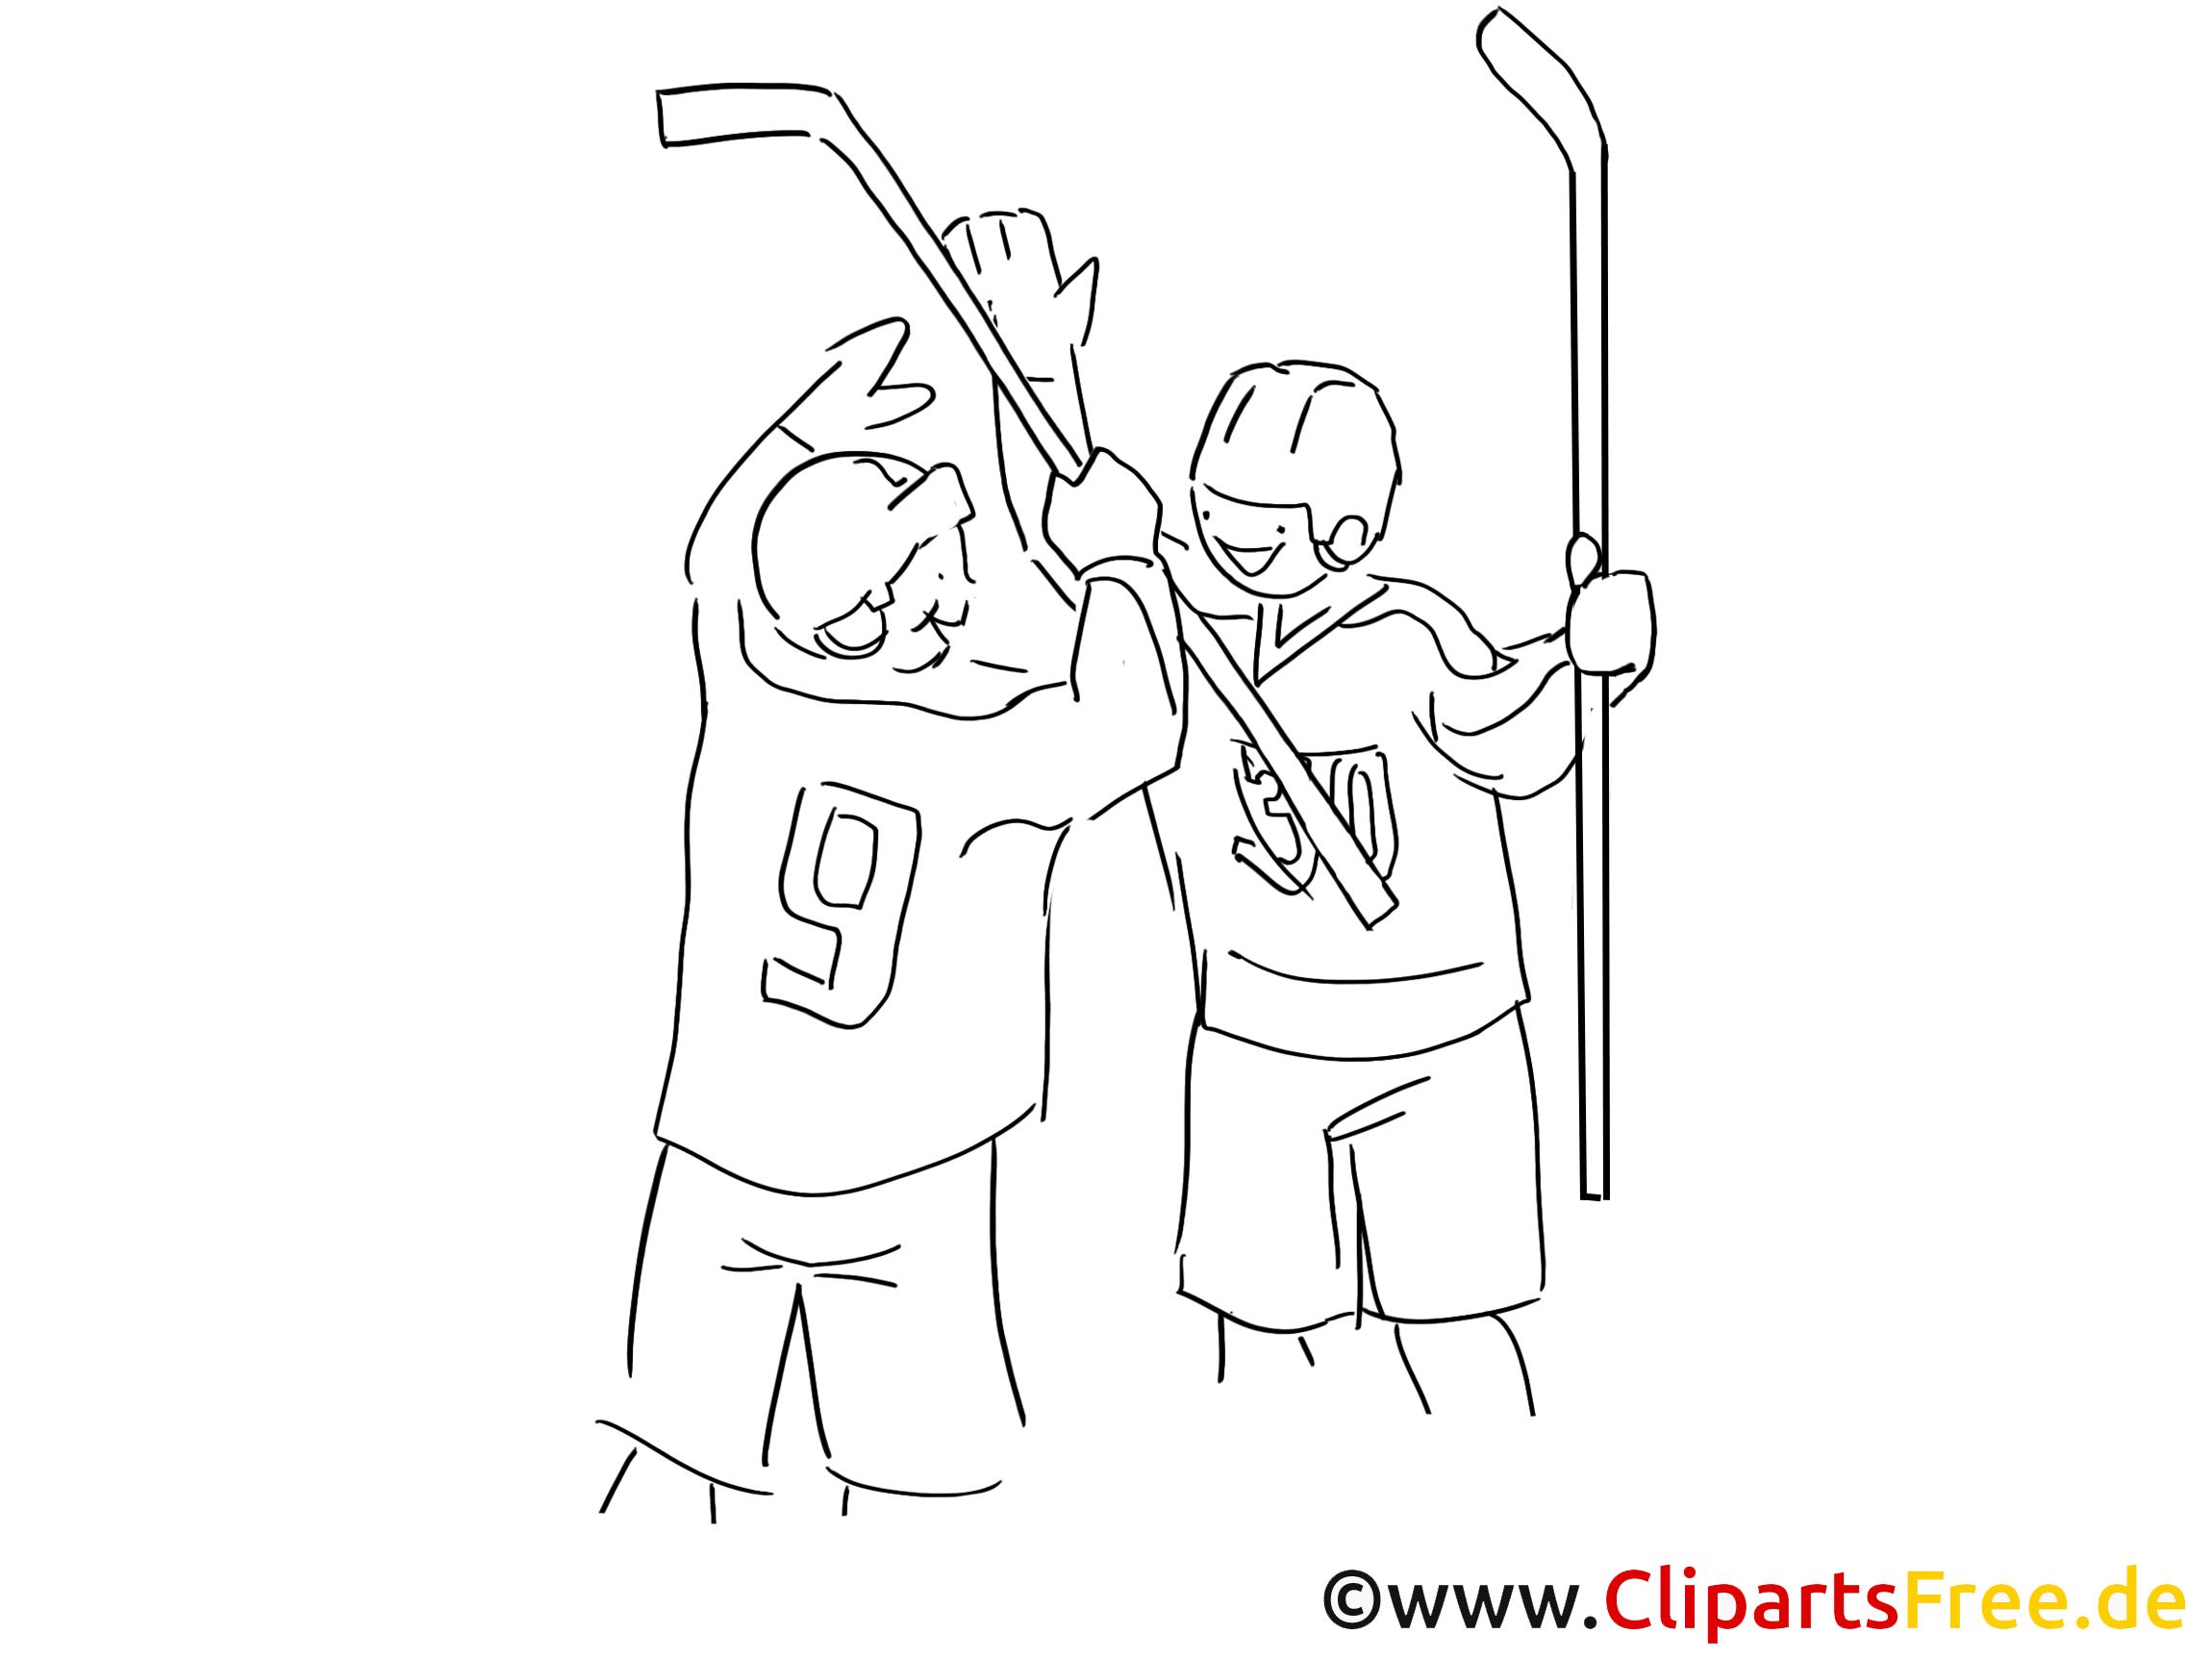 Zwei Eishockeyspieler zum Ausmalen Ausmalbild